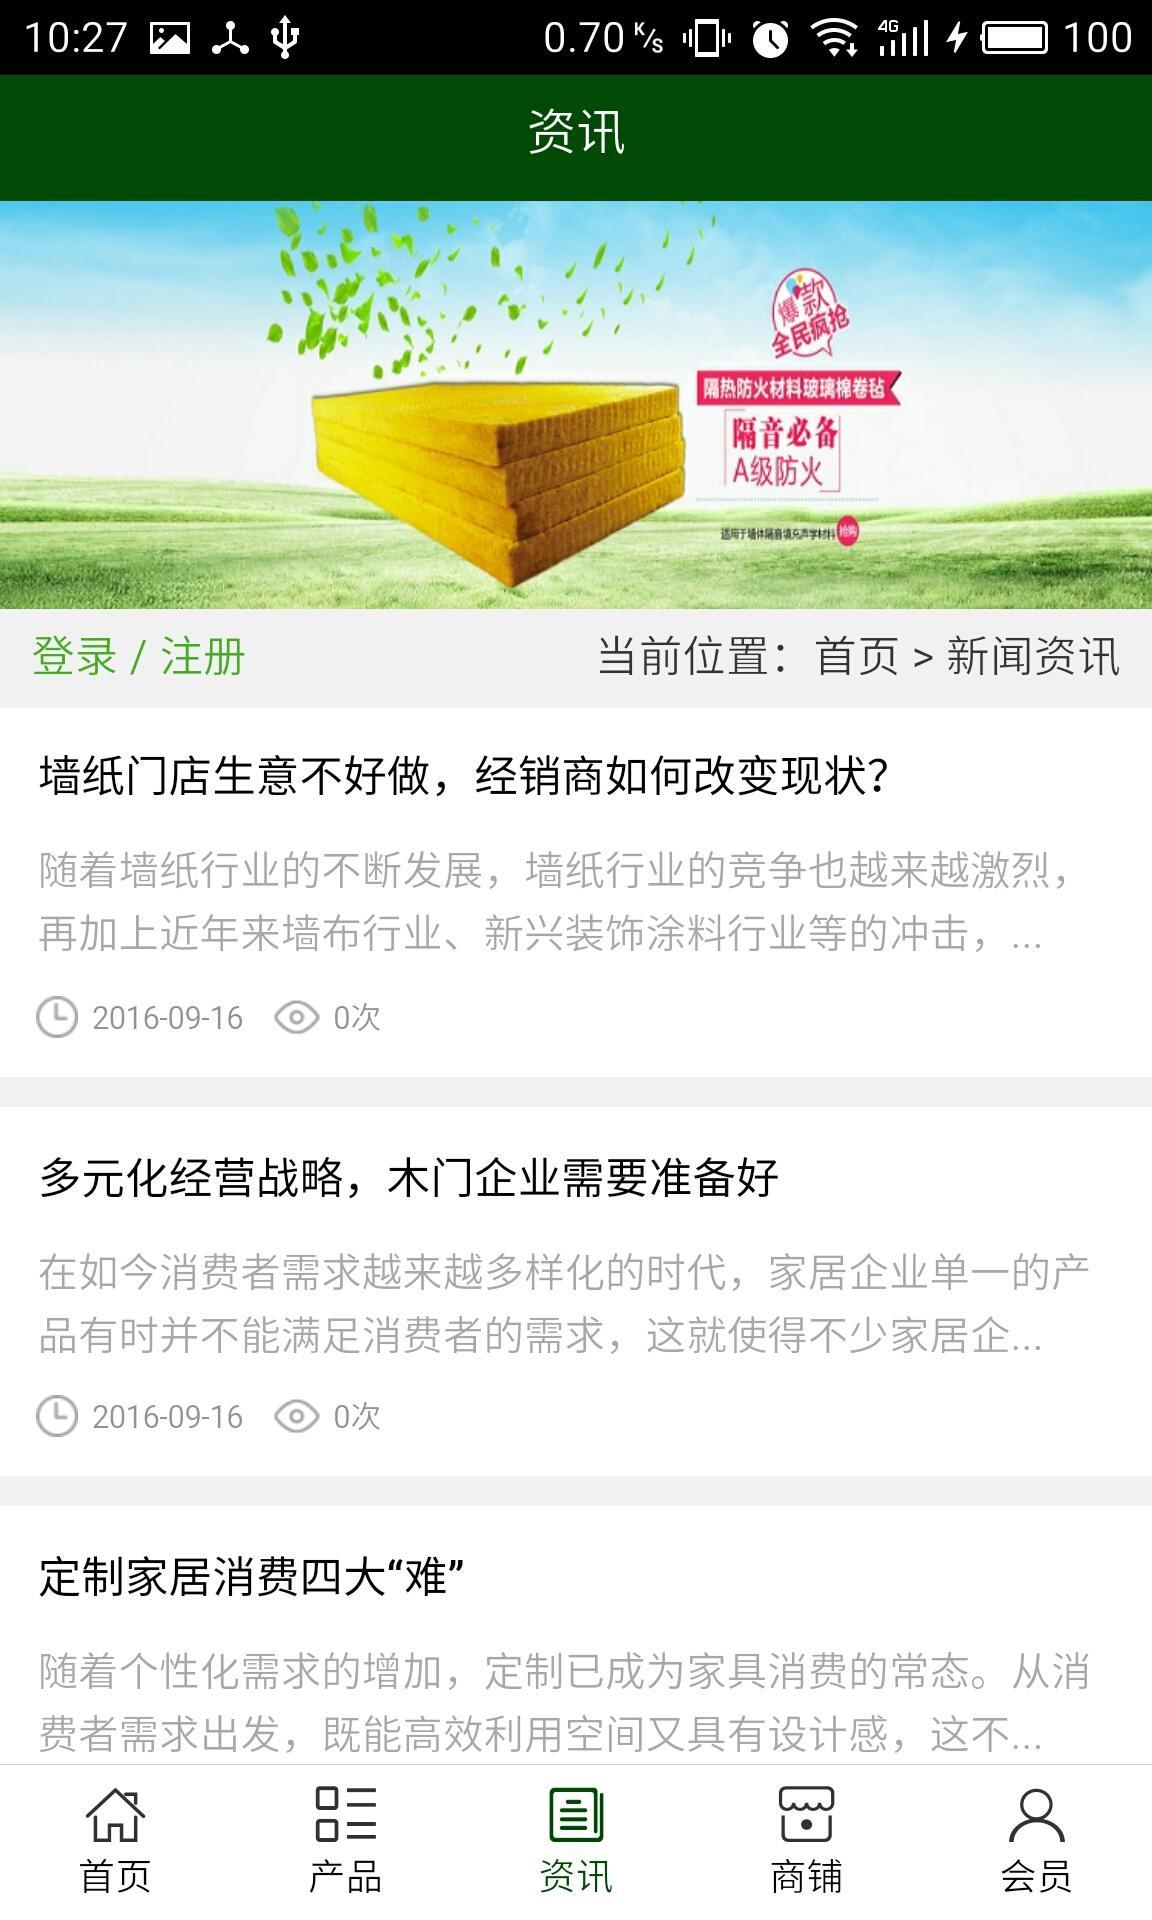 云南五金建材平台 v5.0.0 安卓版界面图2